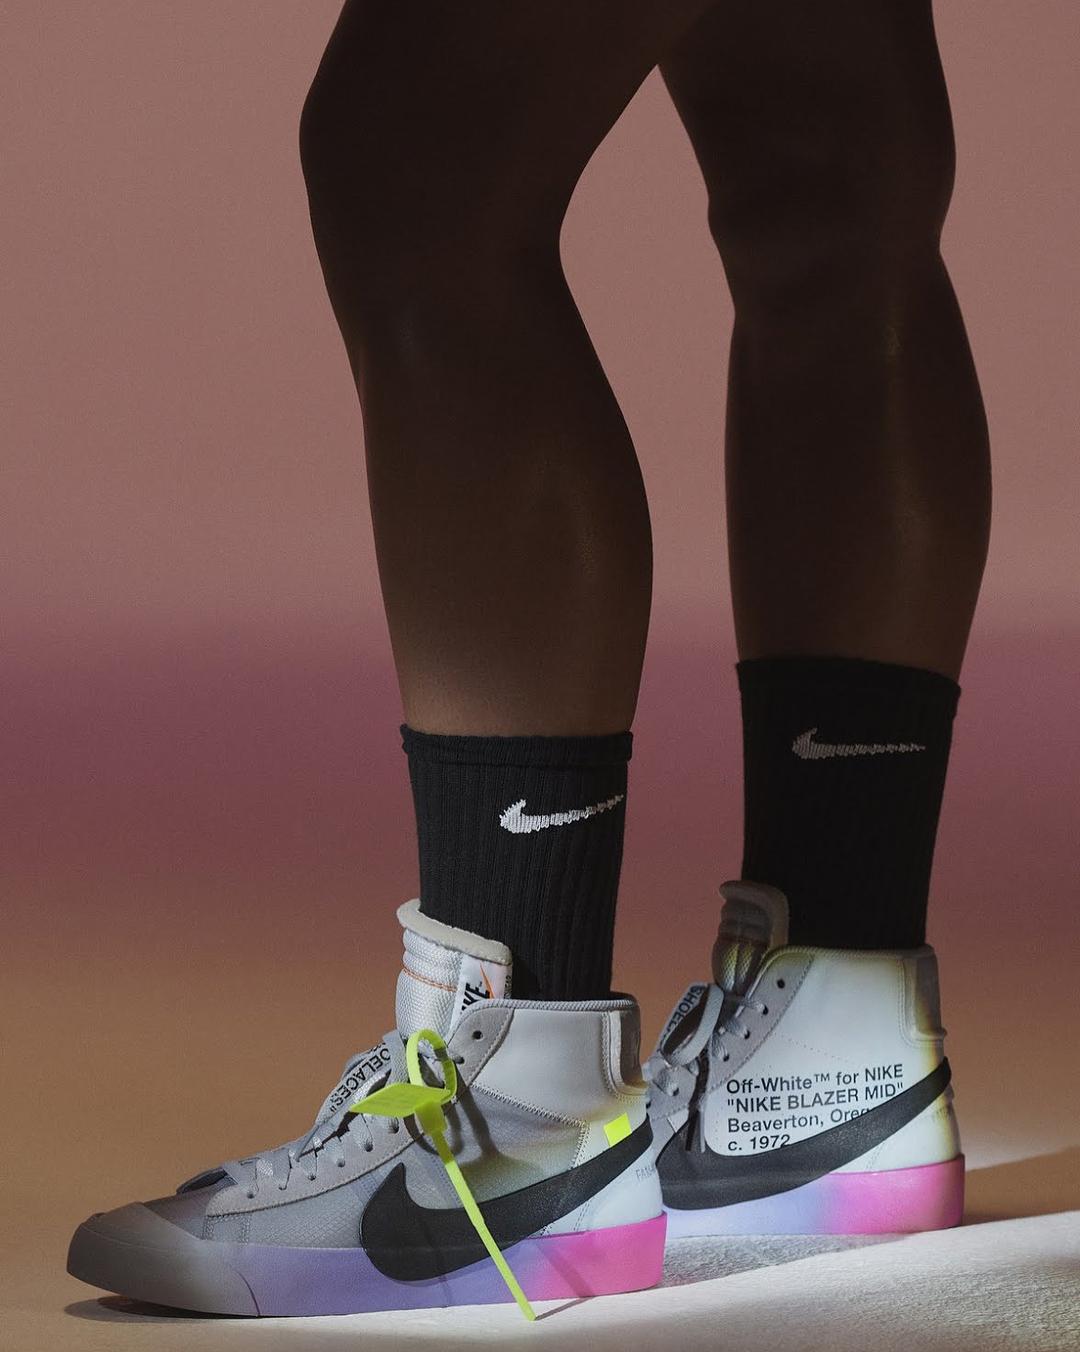 коллаборация Nike и Off-White